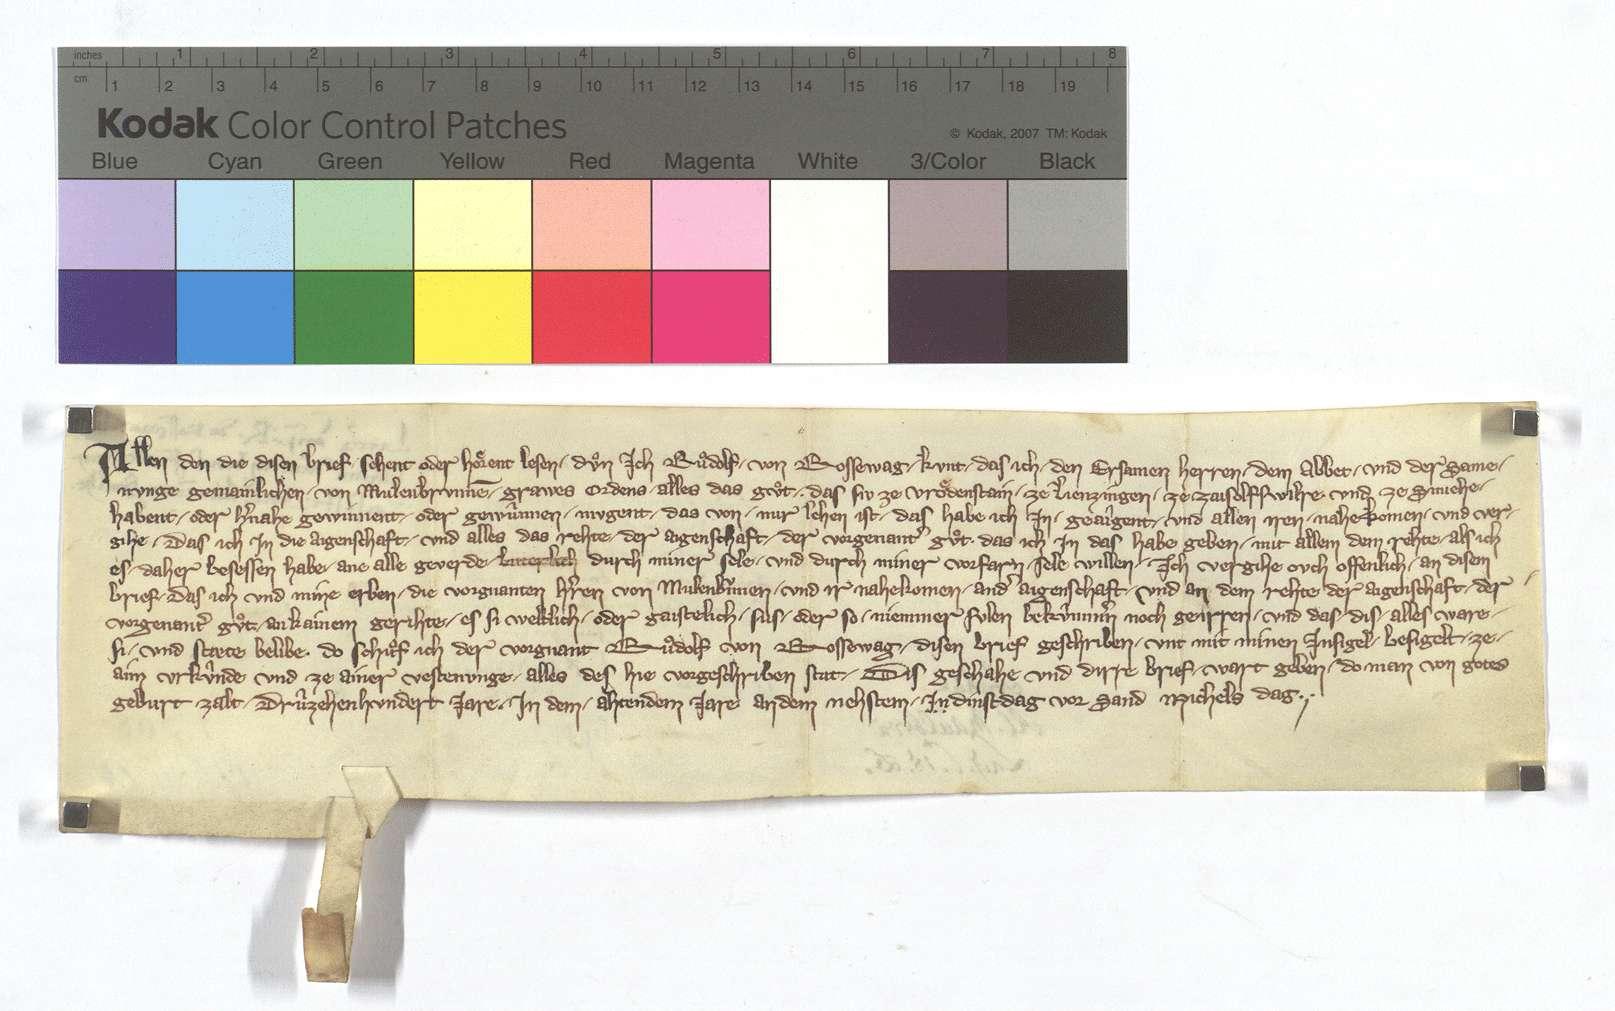 Rudolf von Roßwag befreit und eignet die Güter des Klosters Maulbronn in Zaisersweiher, Freudenstein, Lienzingen und Illingen, die von ihm zu Lehen gehen., Text